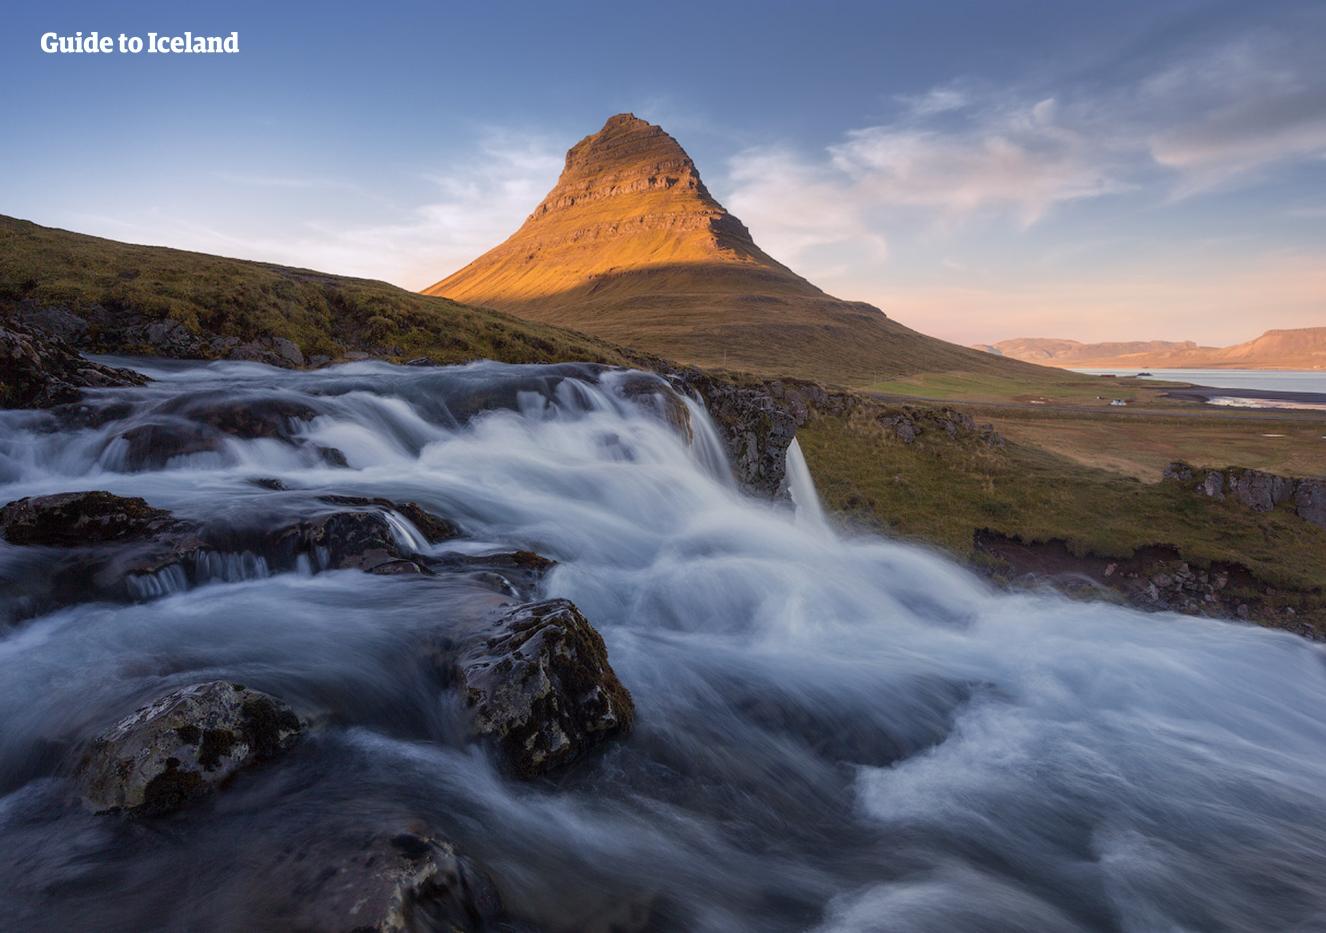 La península de Snæfellsnes está llena de maravillas naturales como la majestuosa montaña de Kirkjufell y la cascada delante de ella.